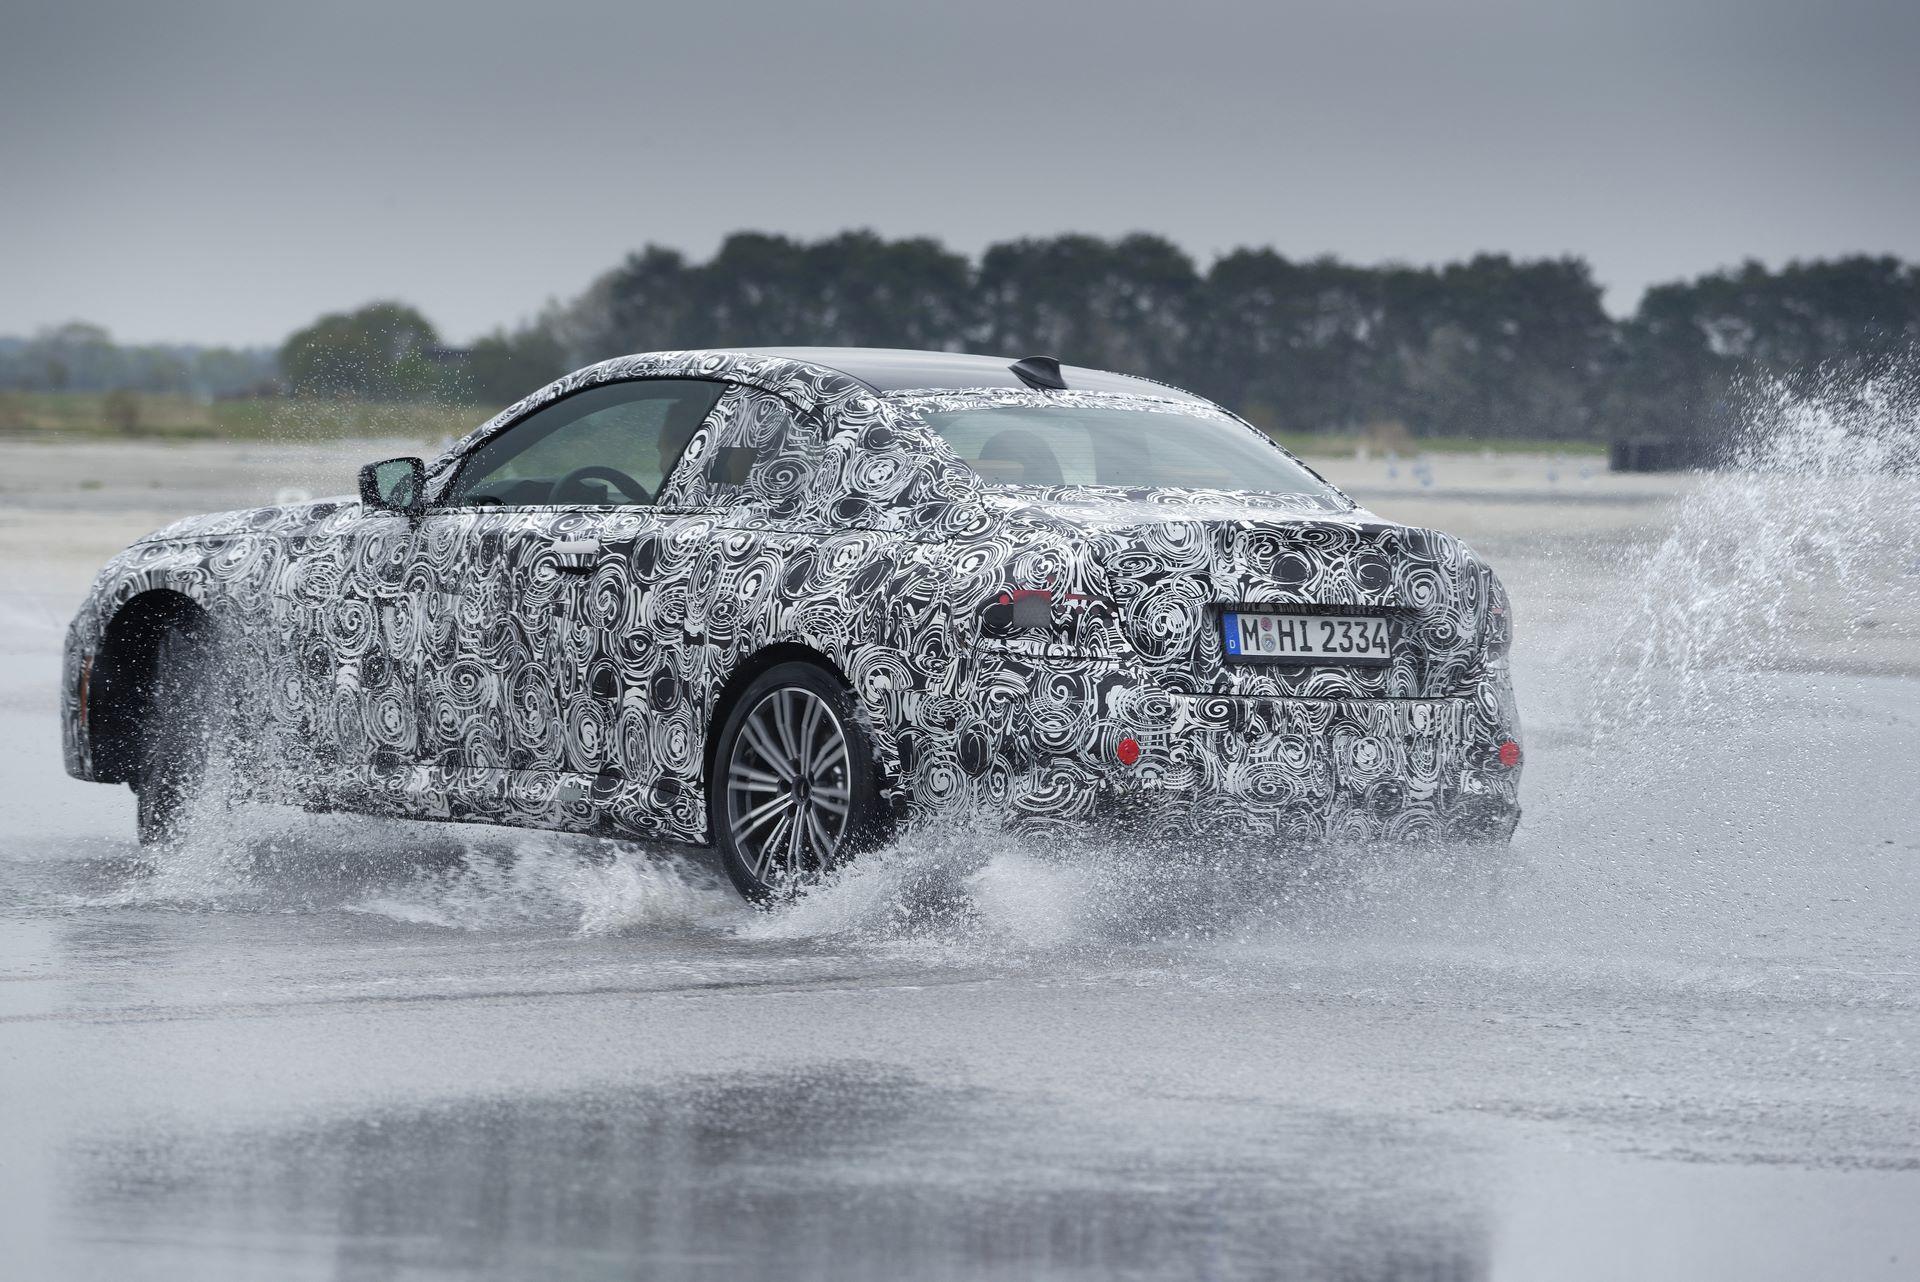 BMW-2-Series-M240i-spy-photos-40